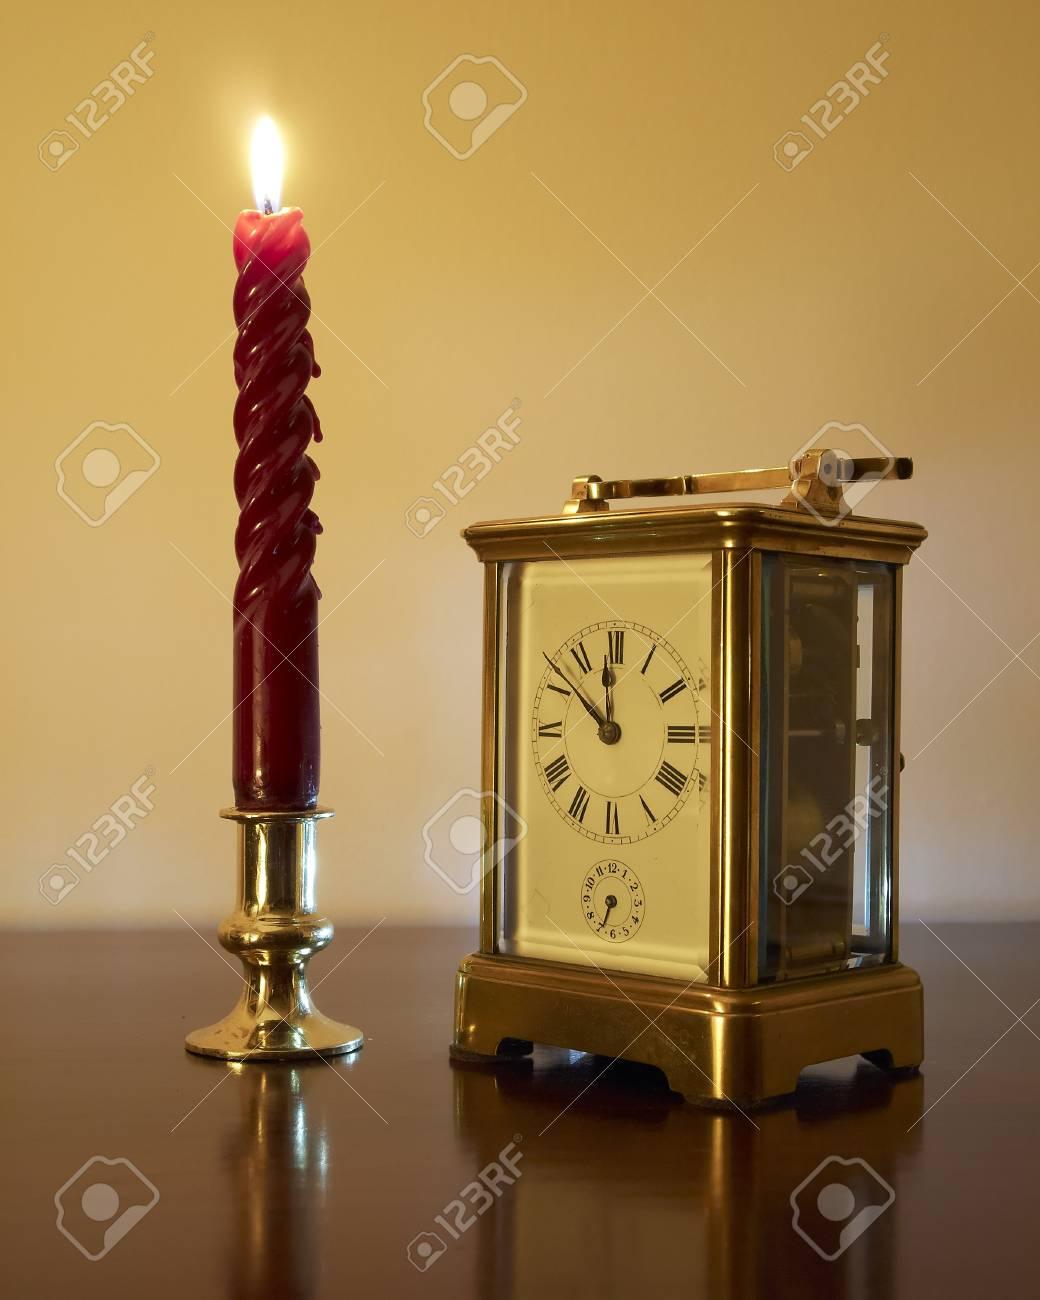 Y Antes Año Vela Nuevo Reloj Bronce De Anticipación Minutos fb7Yg6vIy